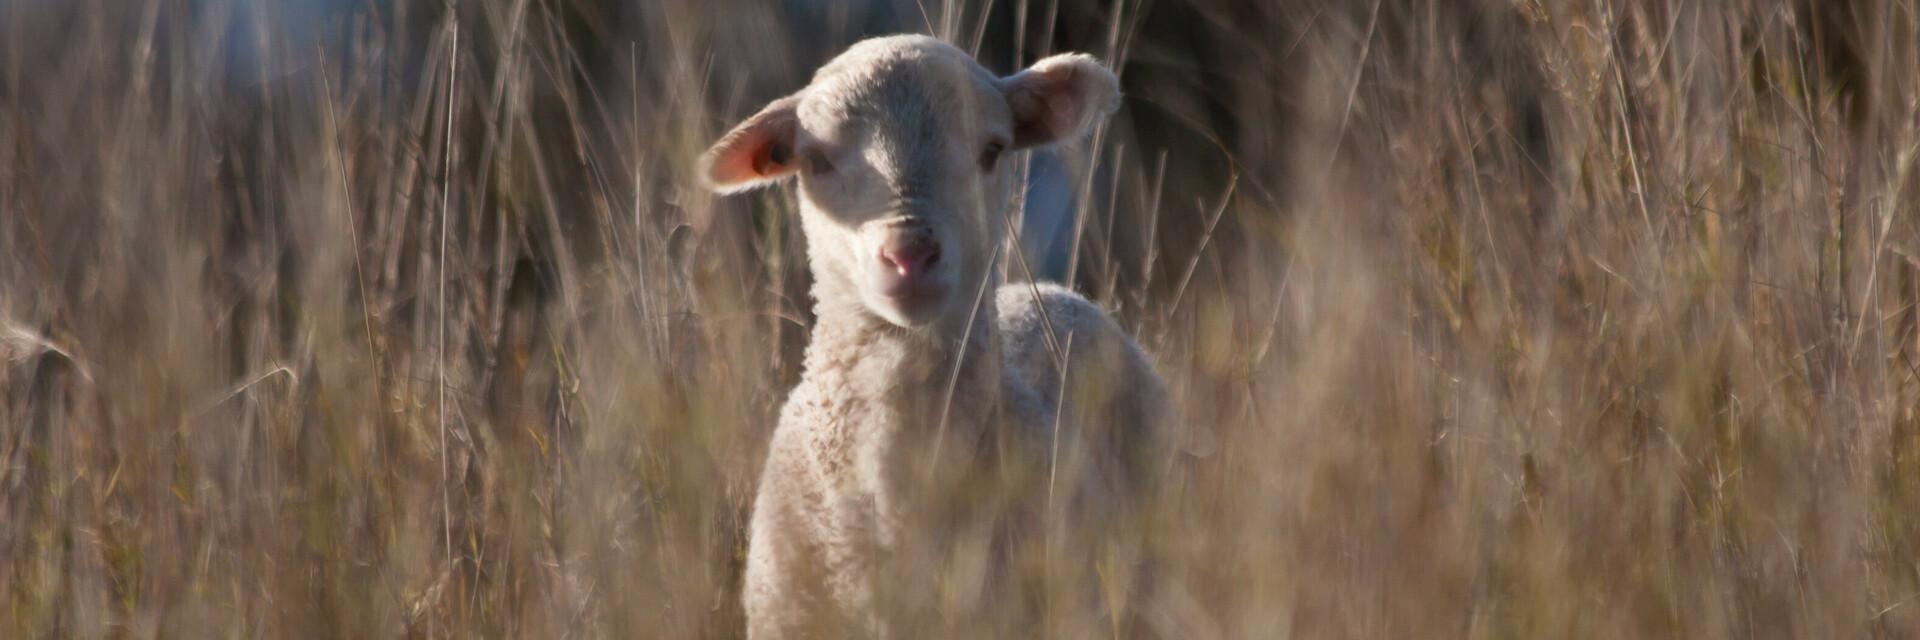 Lamm in Australien